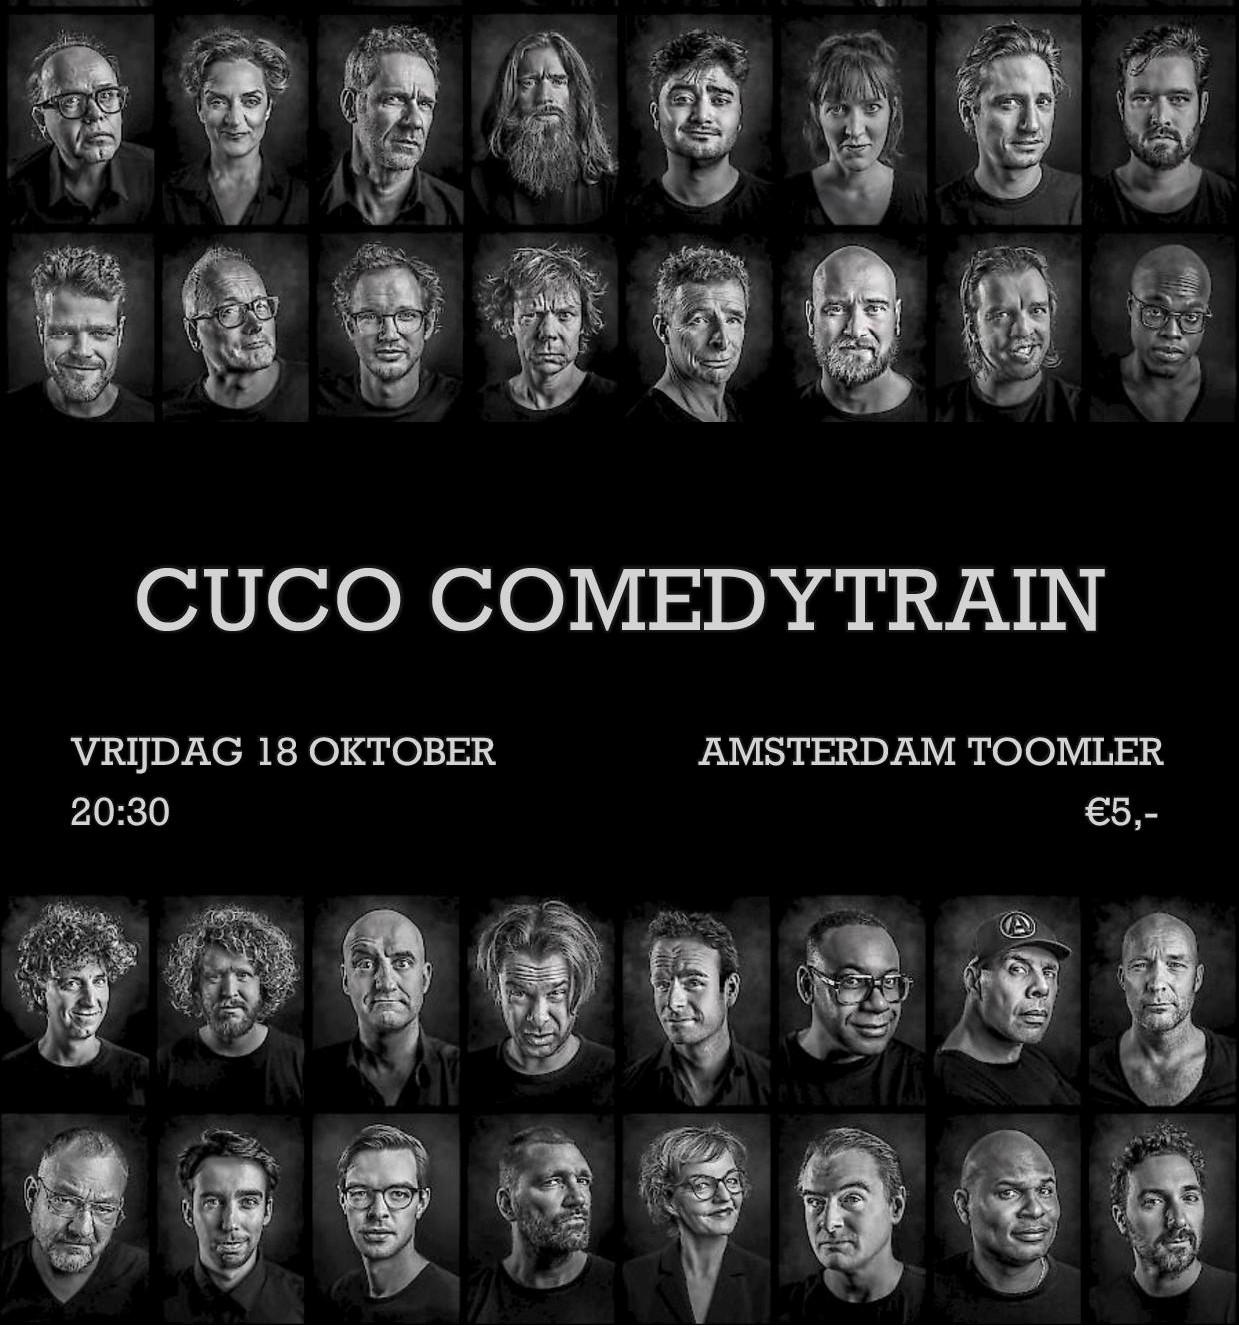 Comedytrain met CuCo!